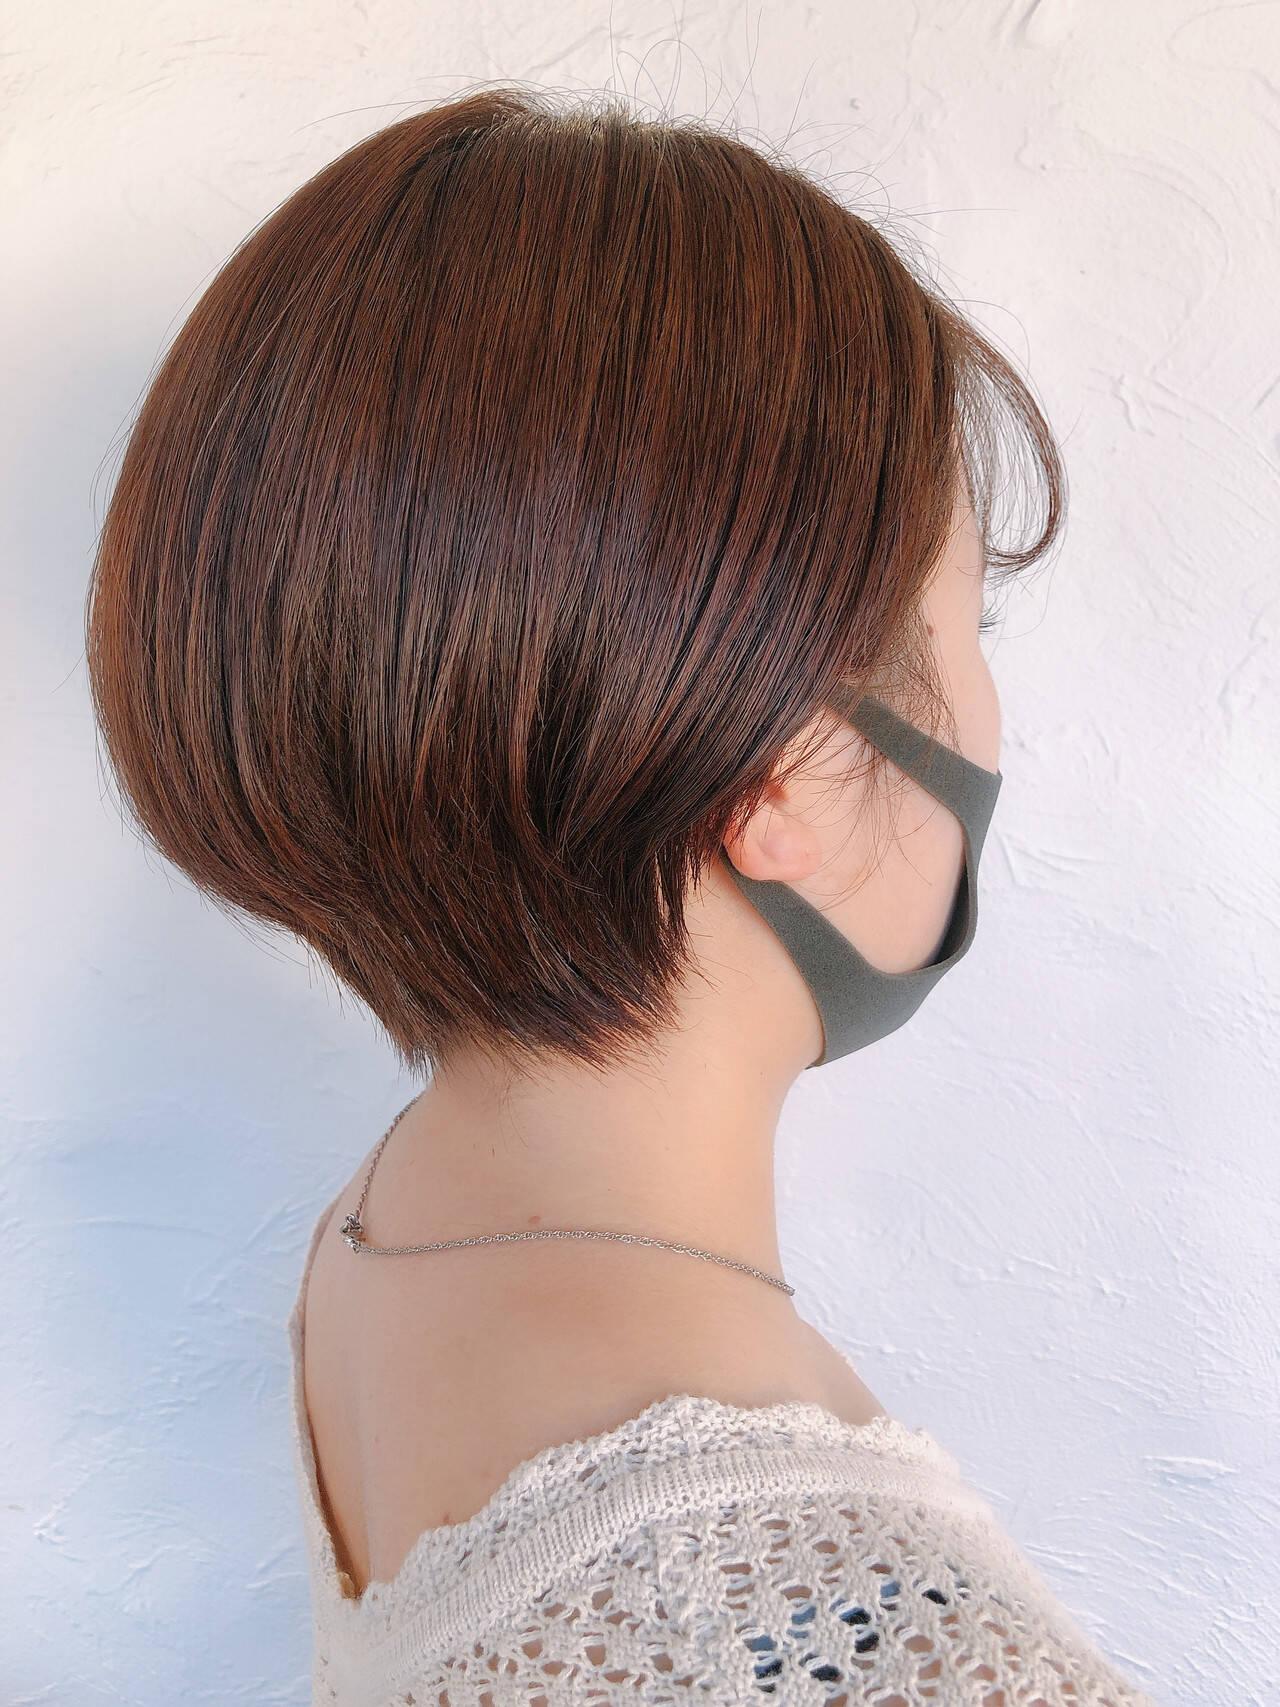 アプリコットオレンジ ショートヘア ミニボブ ショートヘアスタイルや髪型の写真・画像